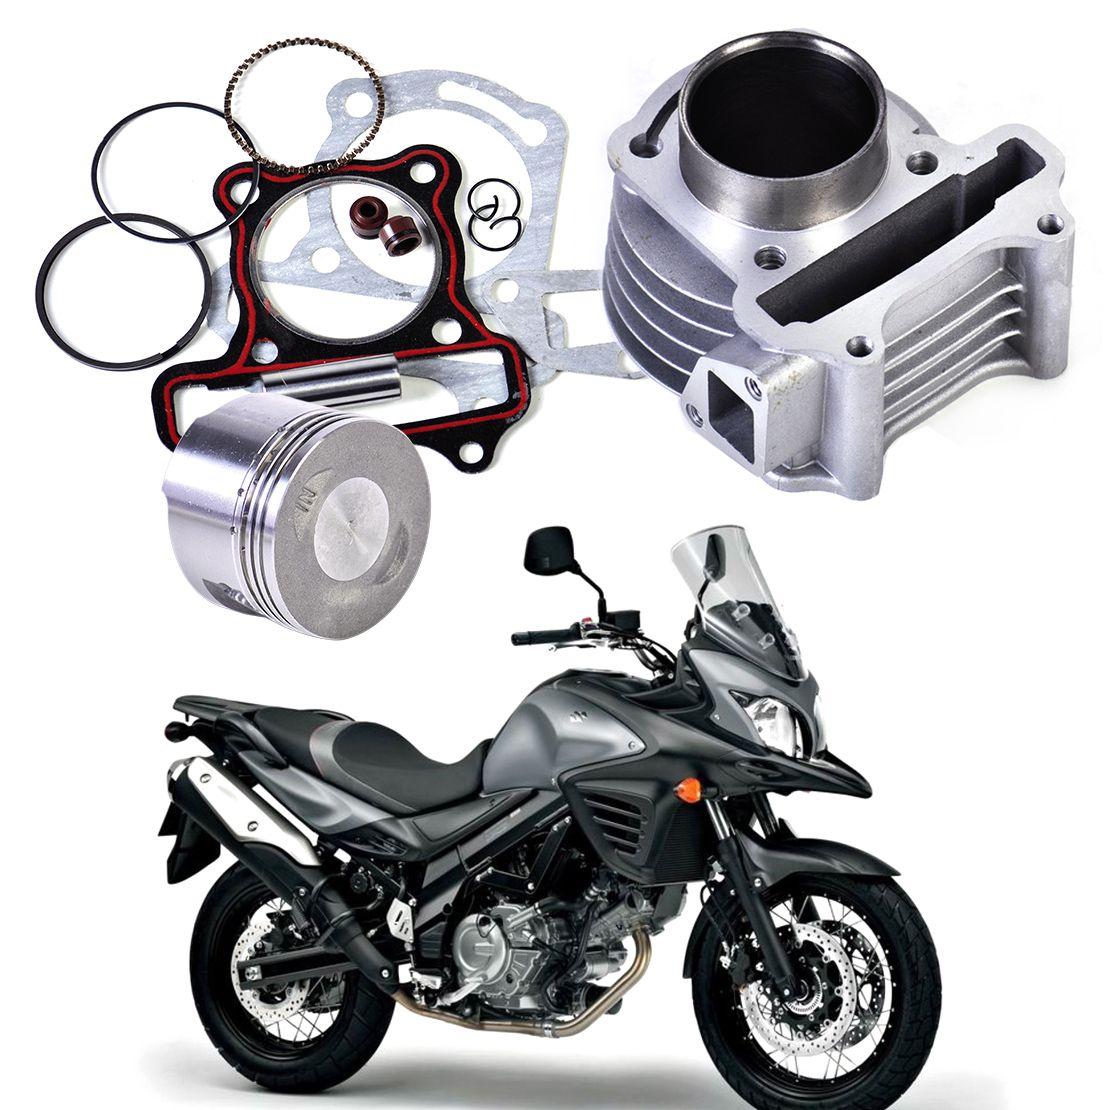 DWCX nouveaux segments de Piston de cylindre de Kit de grand alésage de 47mm adaptés pour GY6 50cc à 80cc 4 temps Scooter cyclomoteur ATV avec moteur 139QMB 139QMA